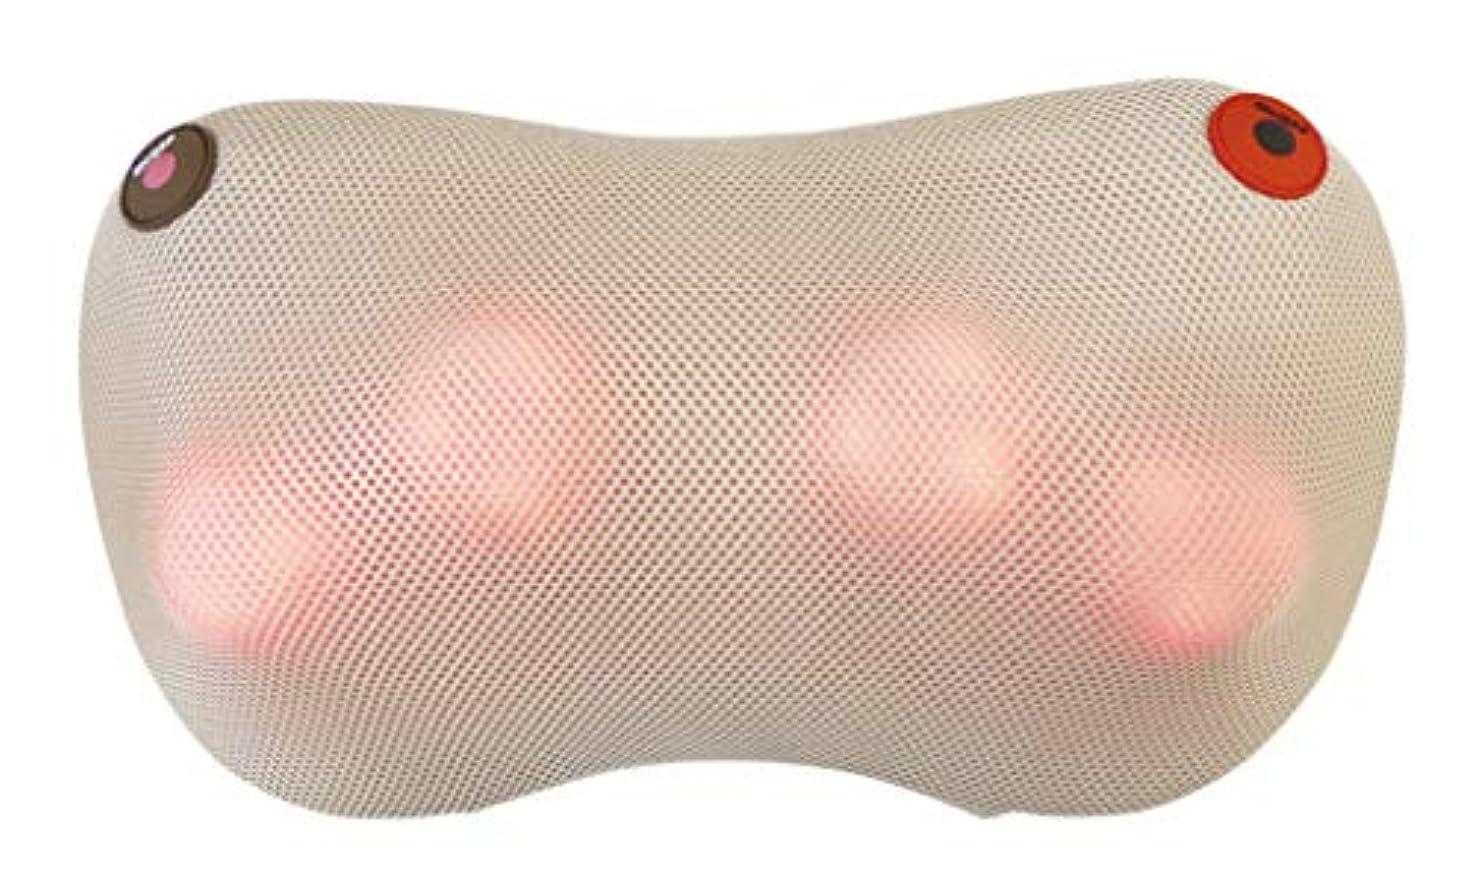 標準ママ赤クロシオ 温熱マッサージ器 温もみ ベージュ 肩こり 肩甲骨 マッサージ機 マッサージ枕 医療機器認定品 正規品